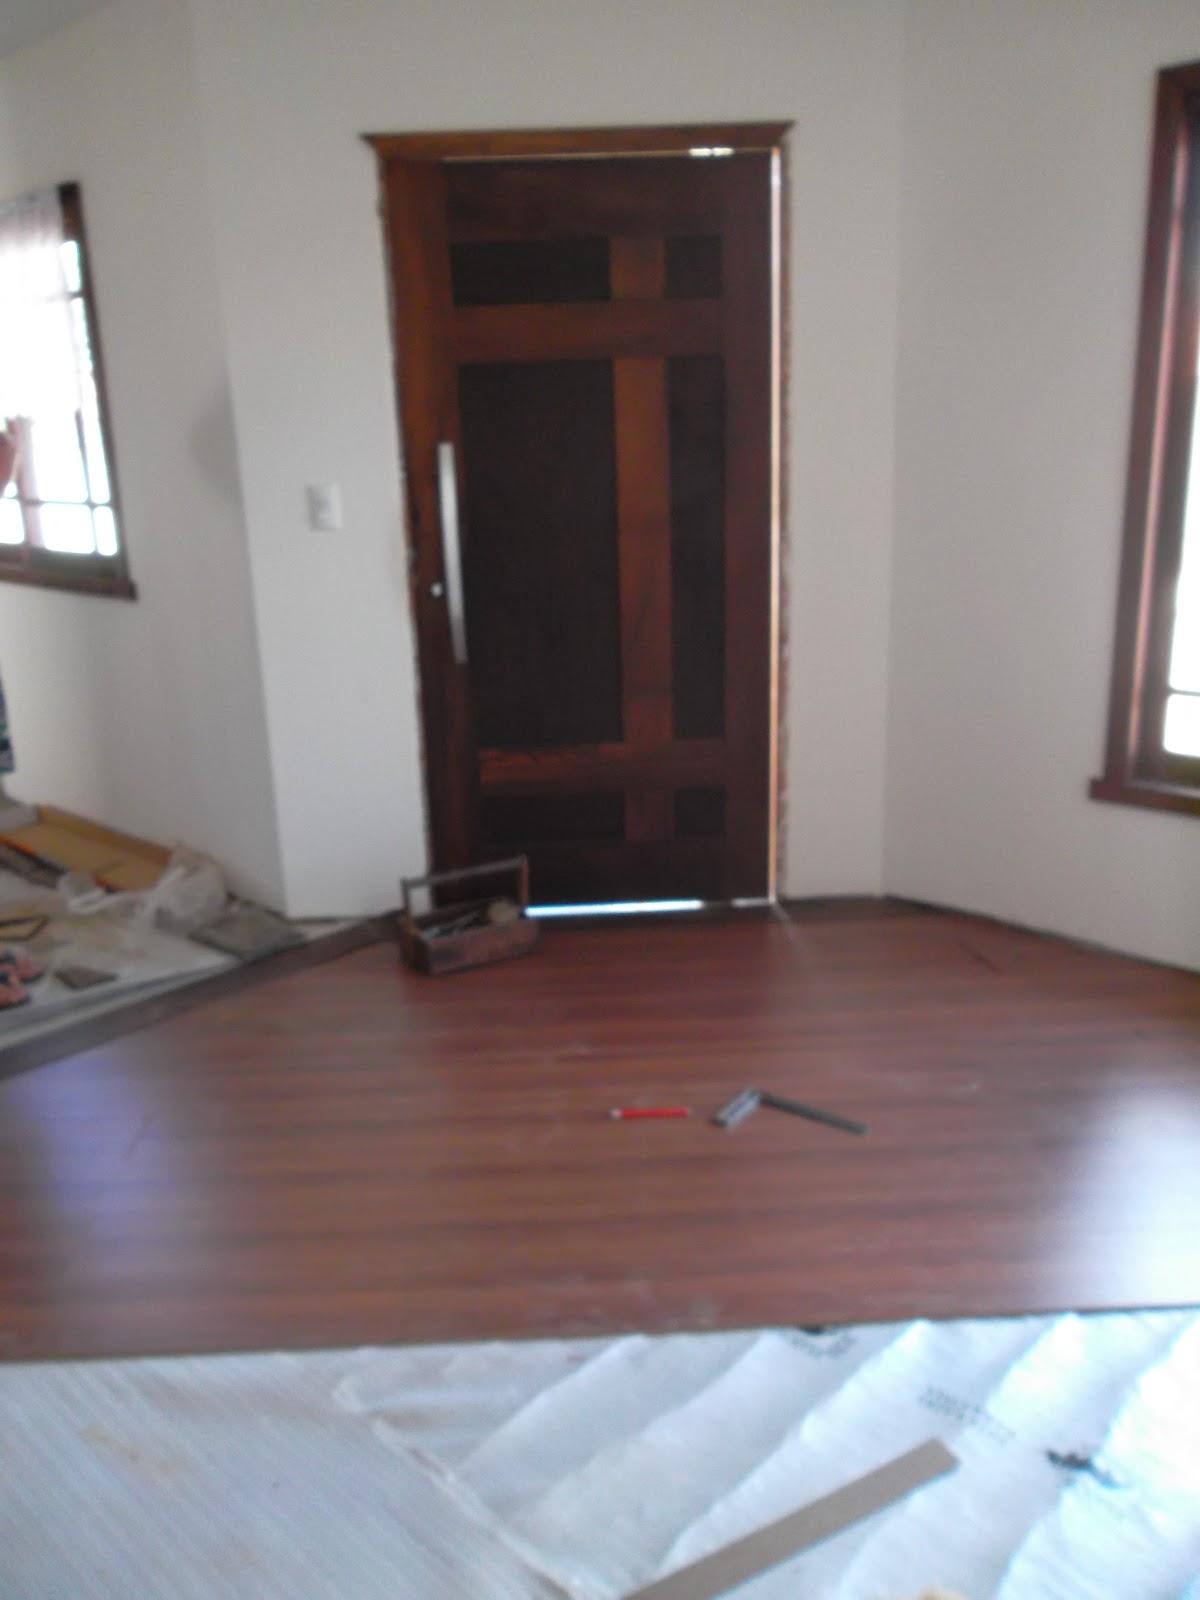 #4B6880 Sonhar Juntos: Carpete de madeira e a Casa 1200x1600 px sonhar banheiro grande